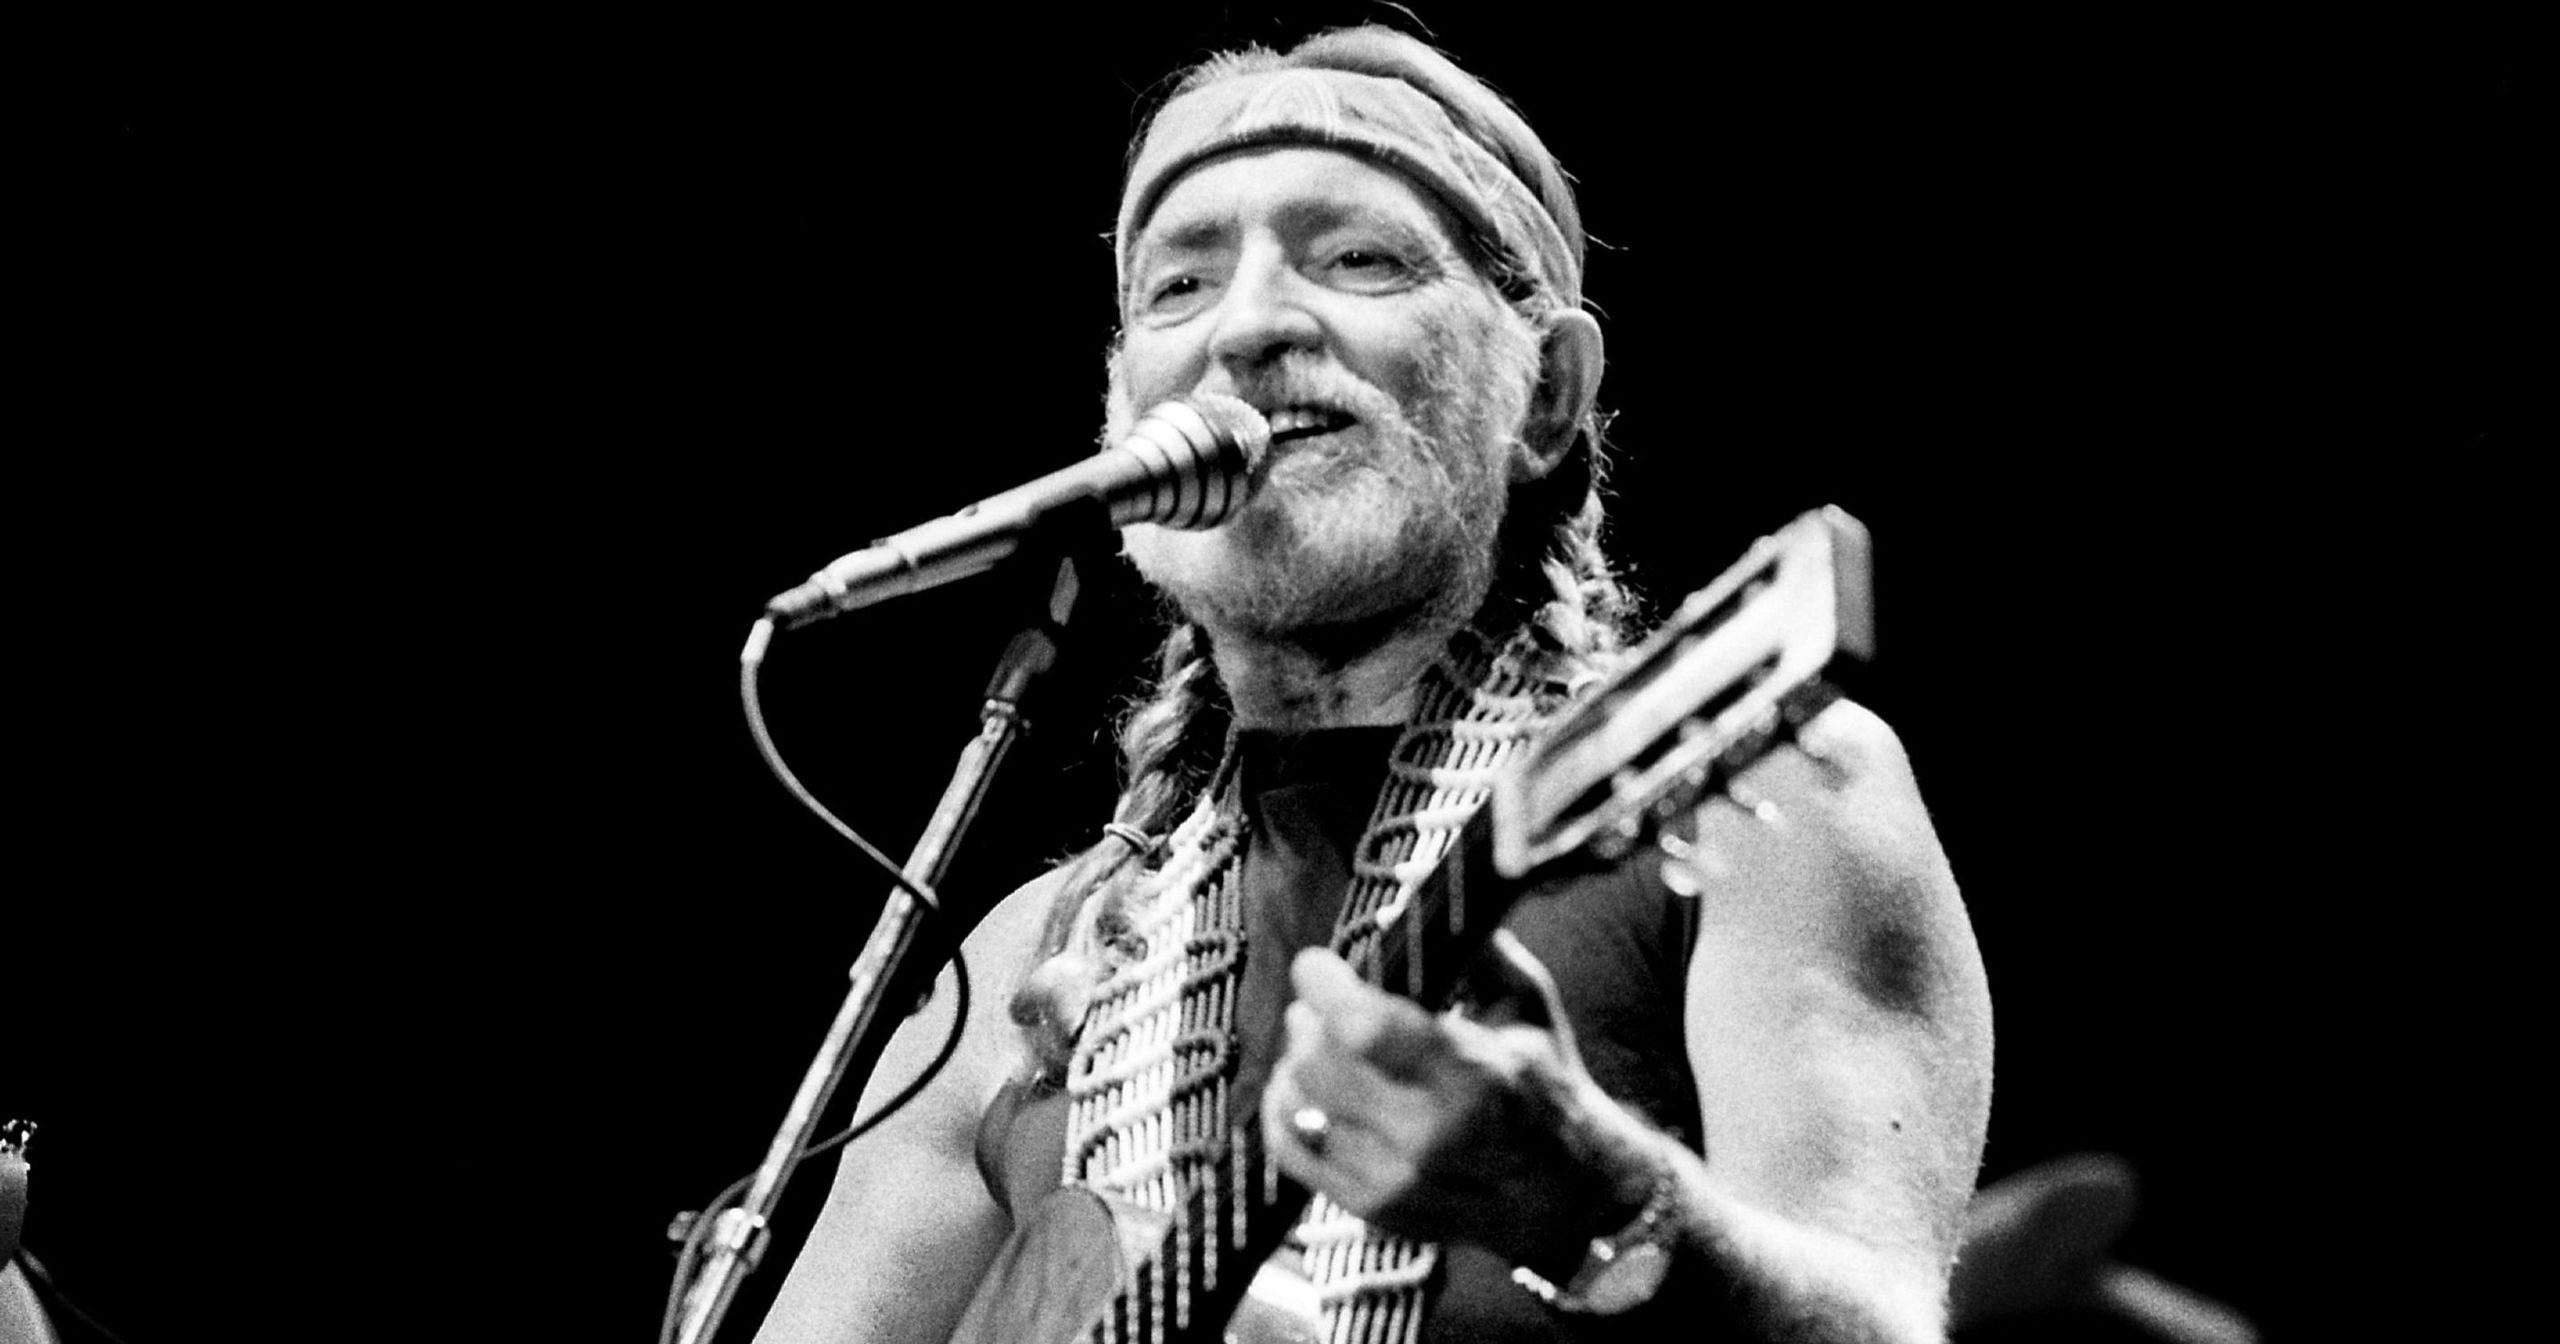 Willie Nelson says that marijuana 'saved my life'